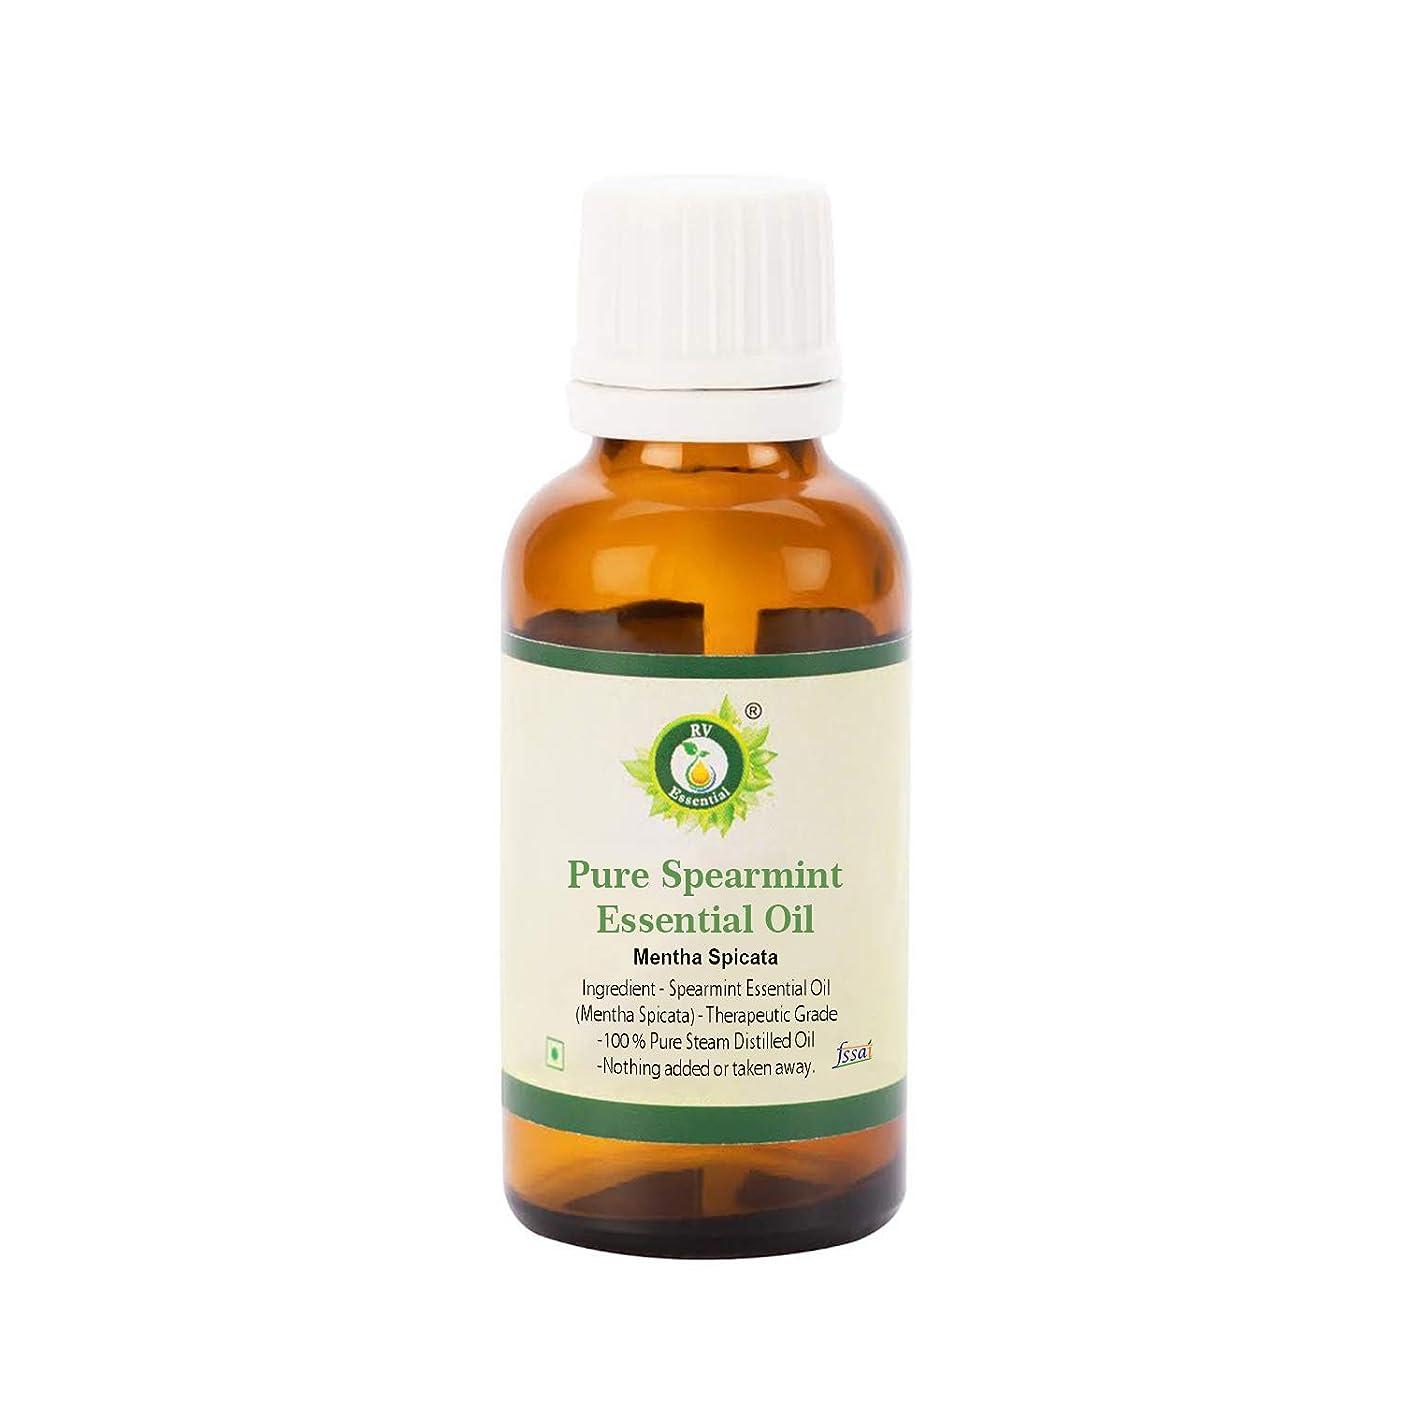 感謝祭区別ストレンジャーR V Essential ピュアスペアミントエッセンシャルオイル300ml (10oz)- Mentha Spicata (100%純粋&天然スチームDistilled) Pure Spearmint Essential Oil